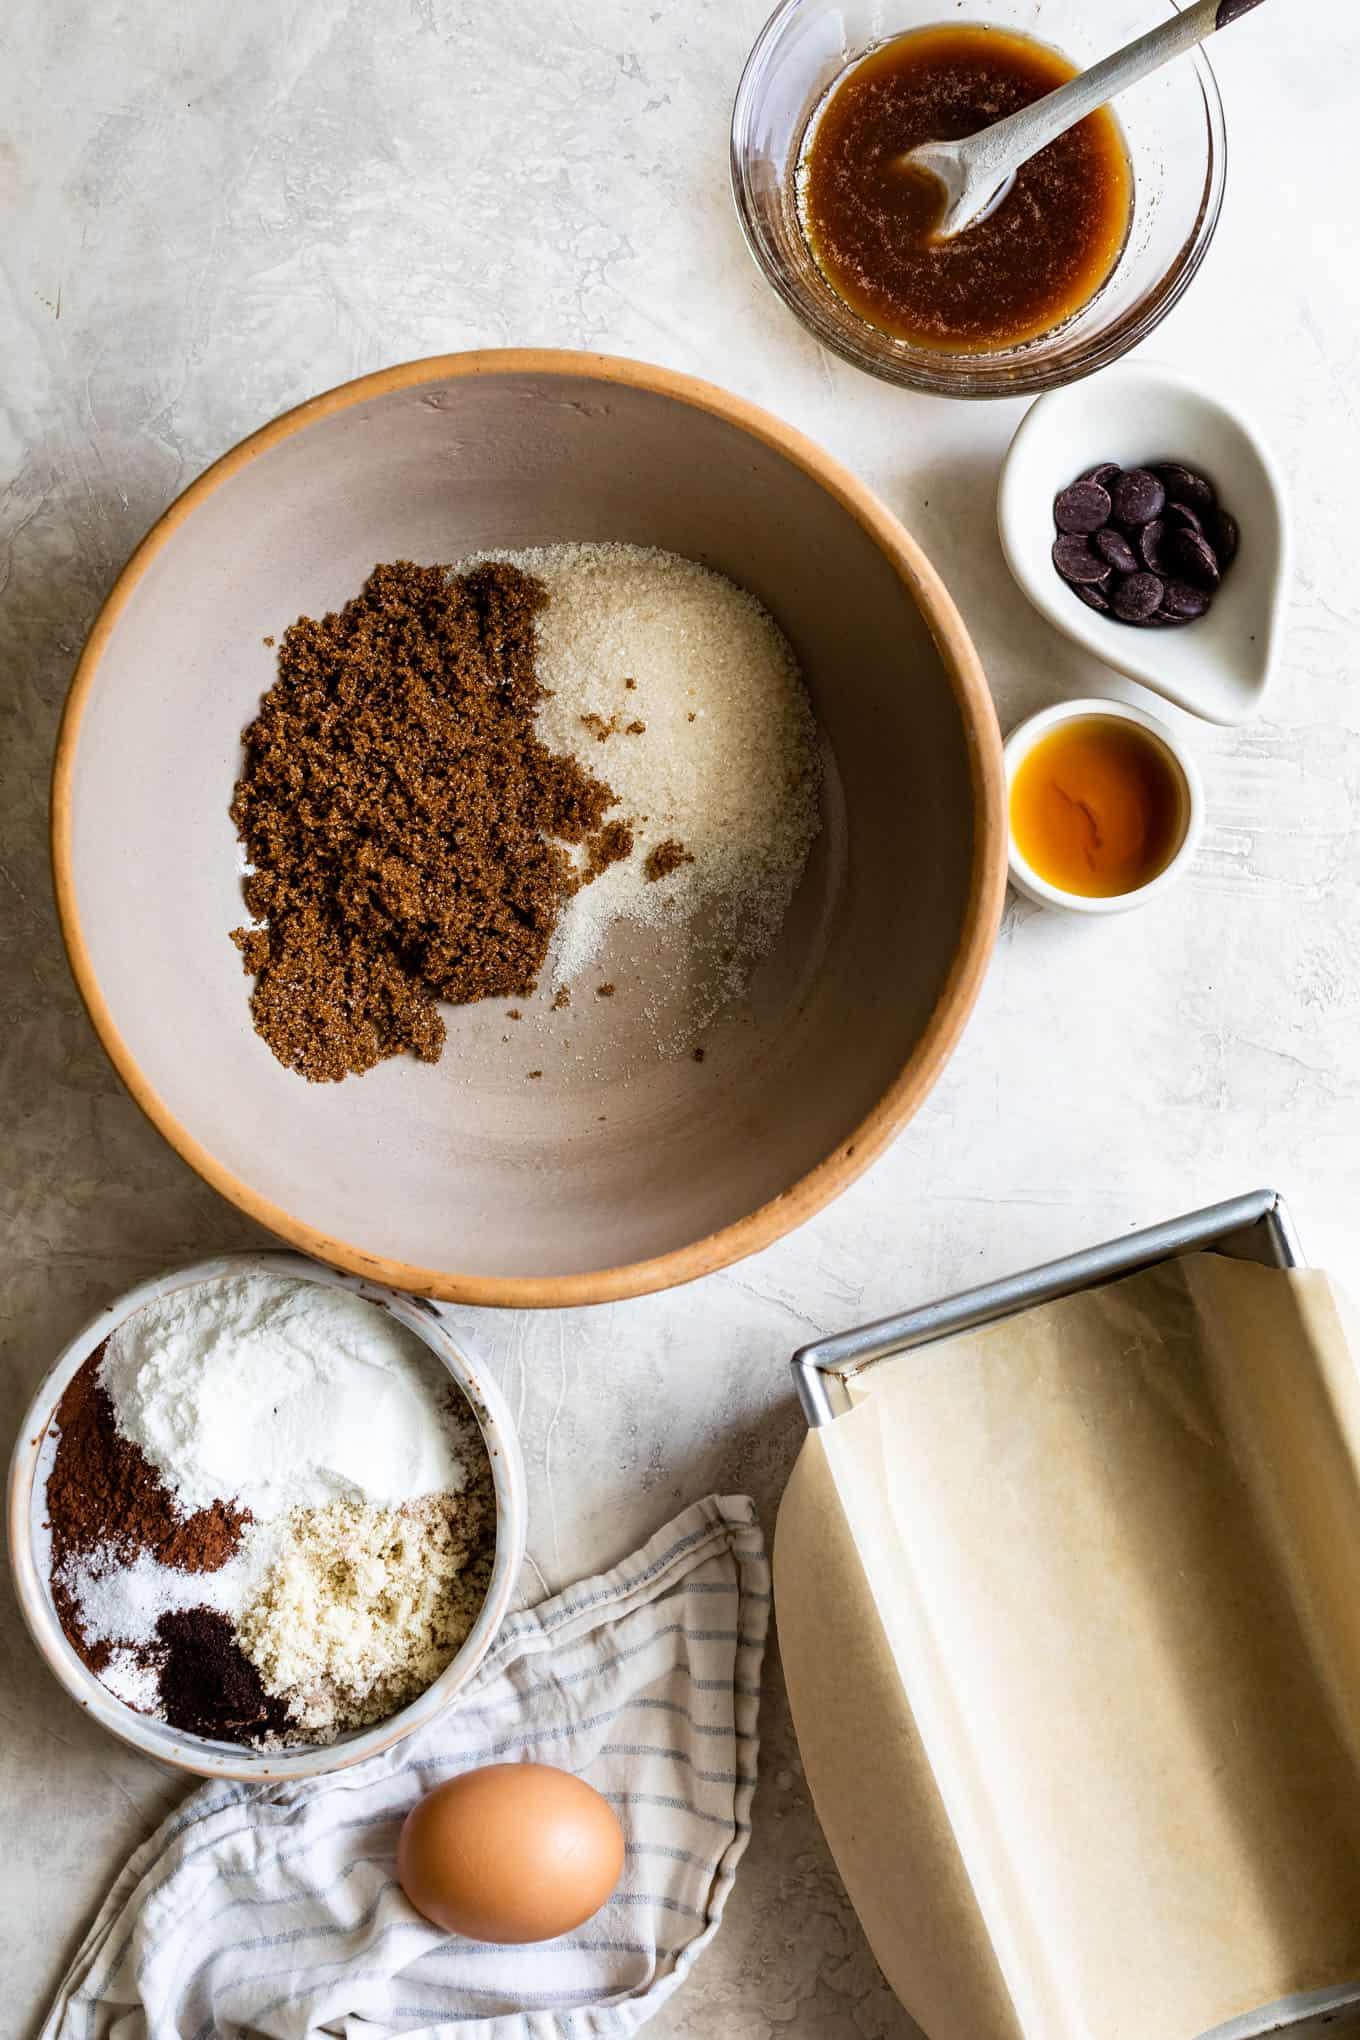 Ingredients for Gluten-Free Brownies